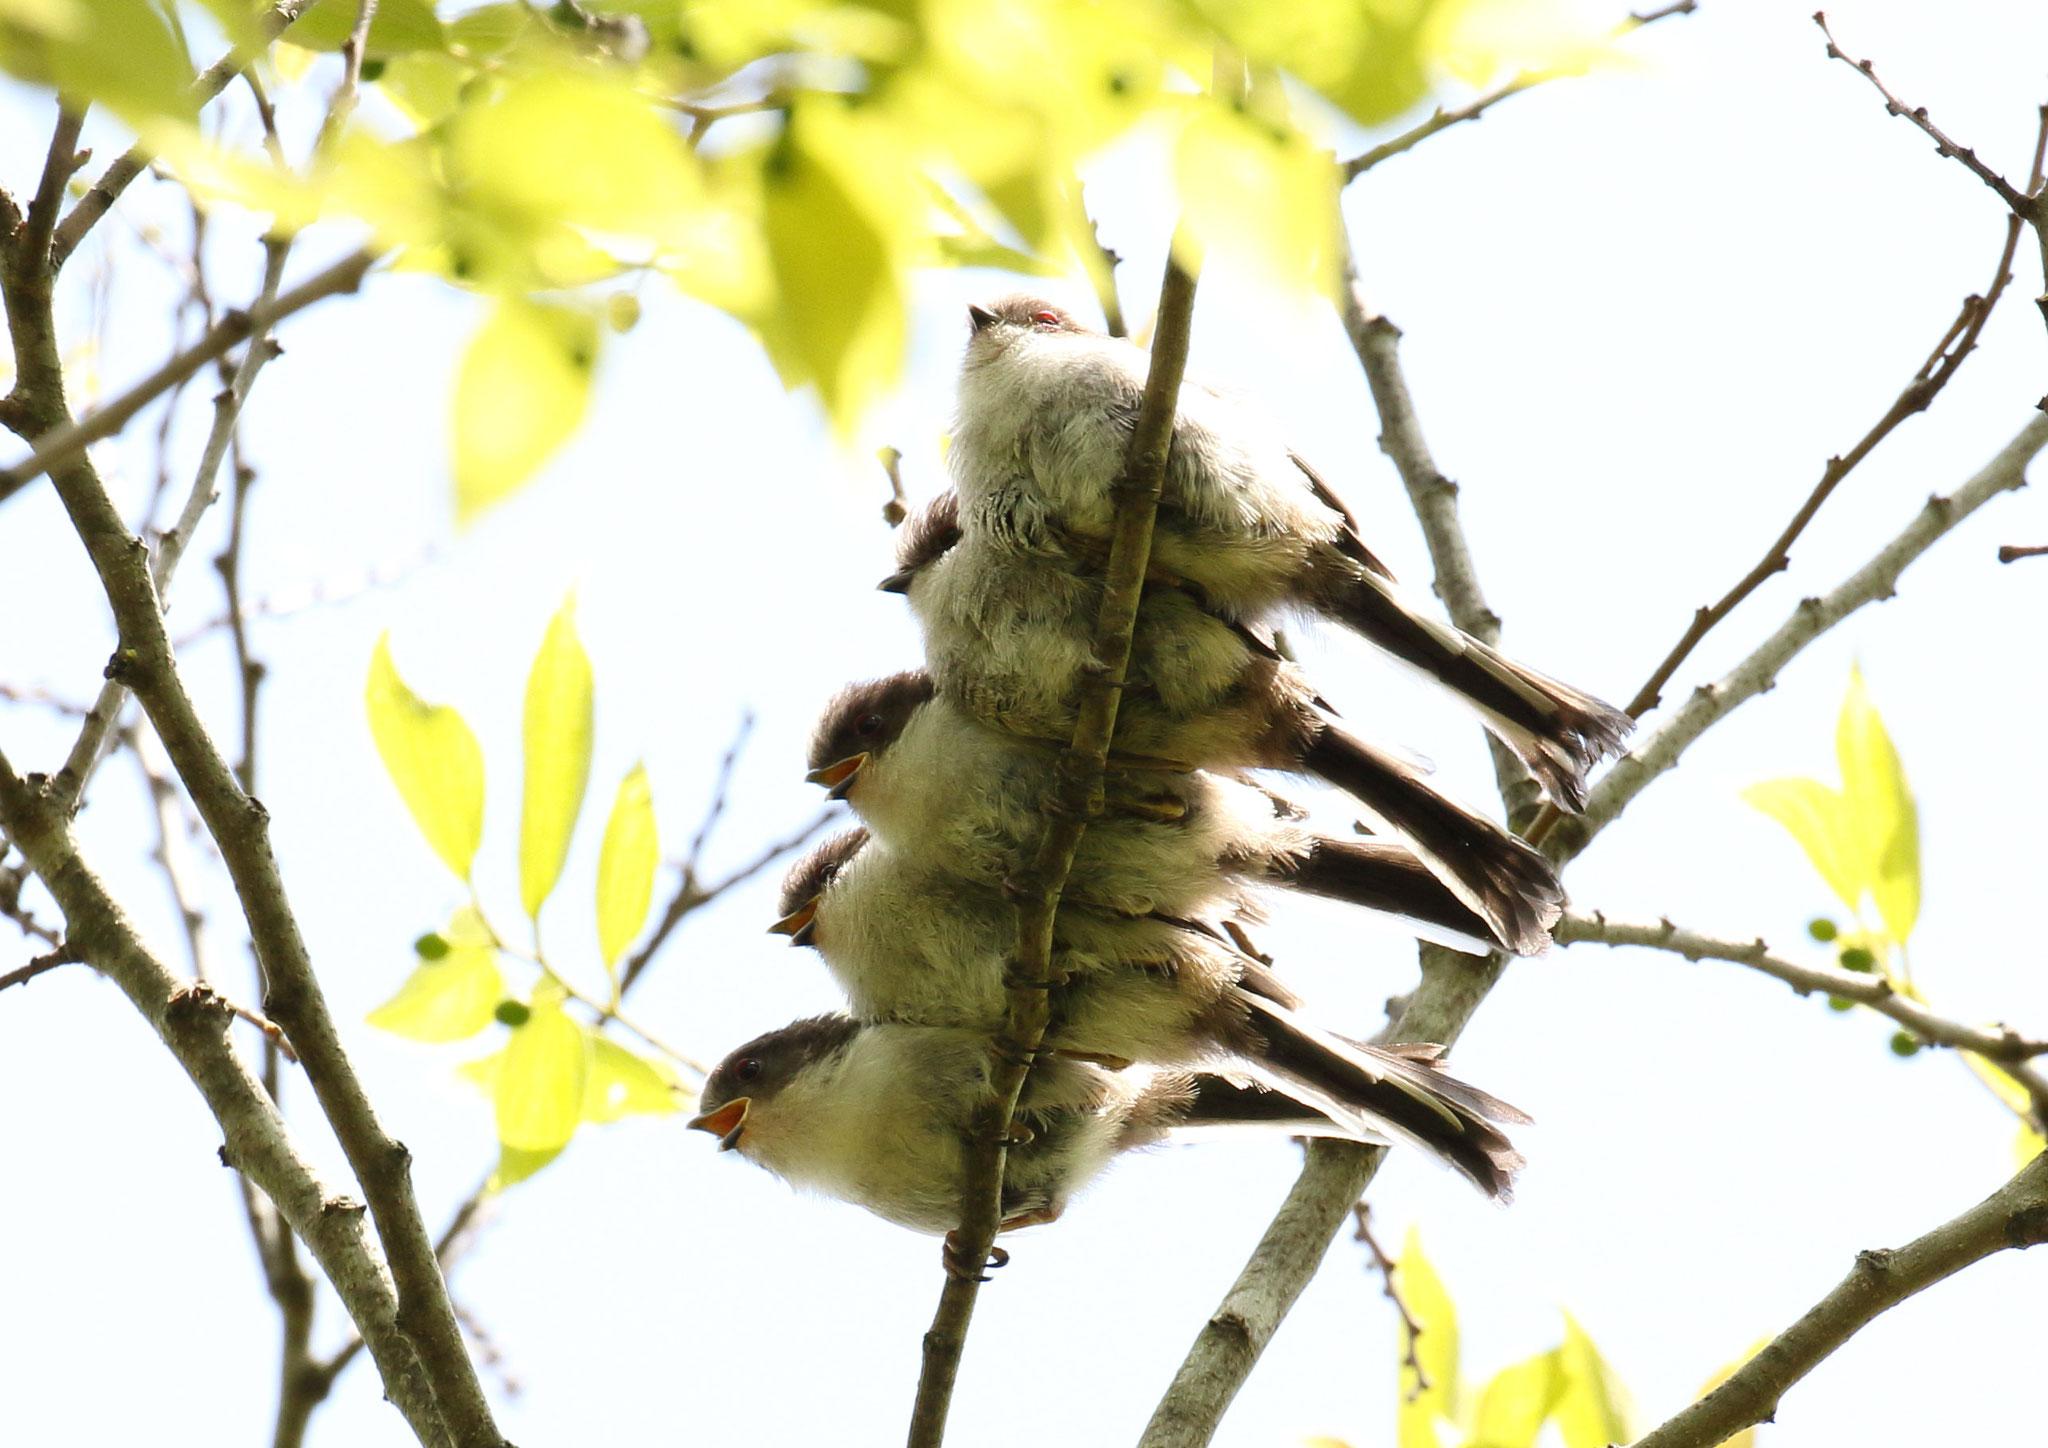 エナガ団子.雛5羽 エナガ雛 2021/4/27 柏市郊外 雛5羽 寄り添うように枝に並ぶ。